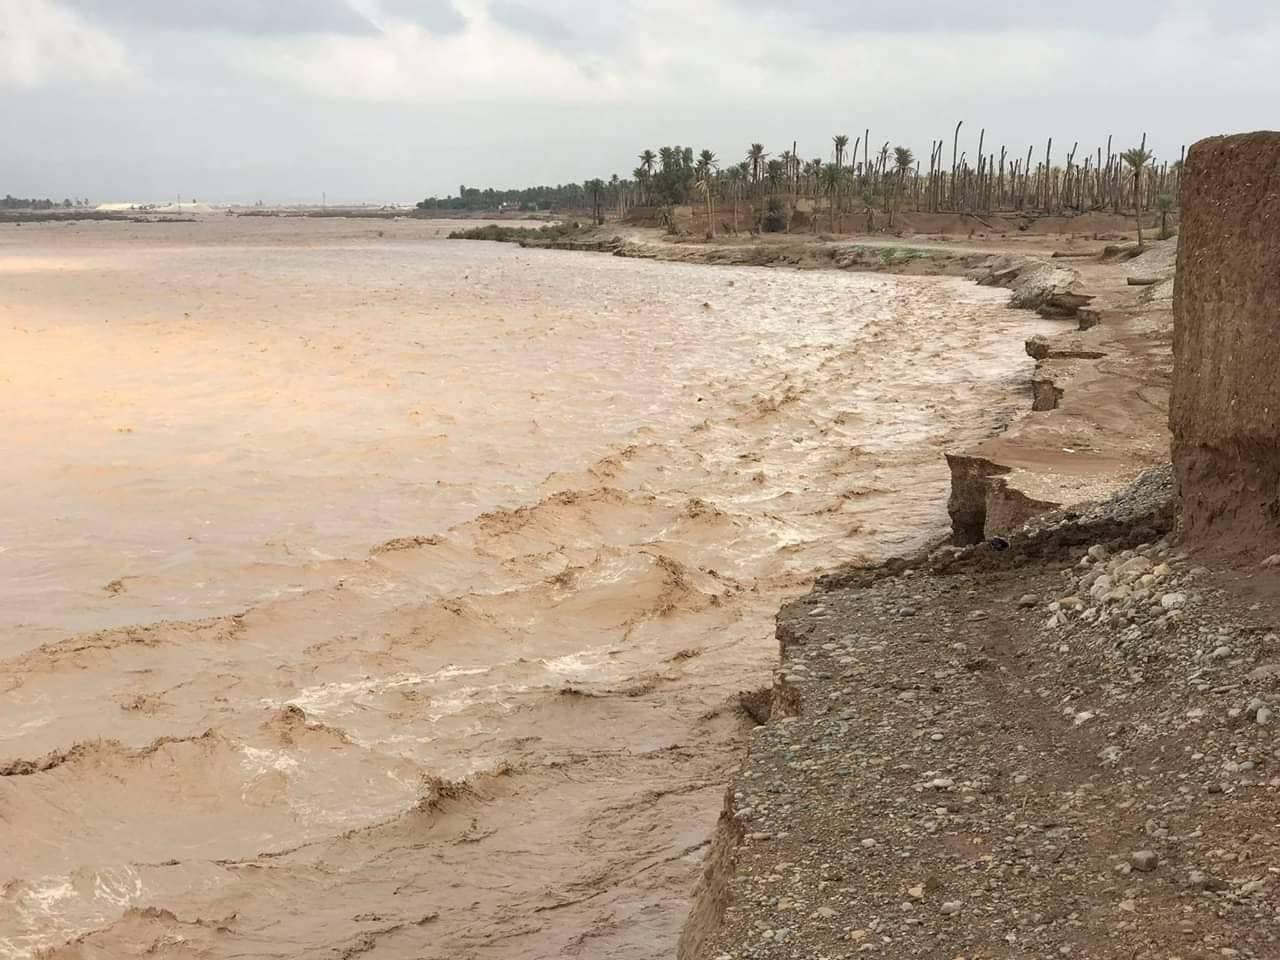 بالصور ..  سيول قادمة من ايران تجتاح مناطق عراقية